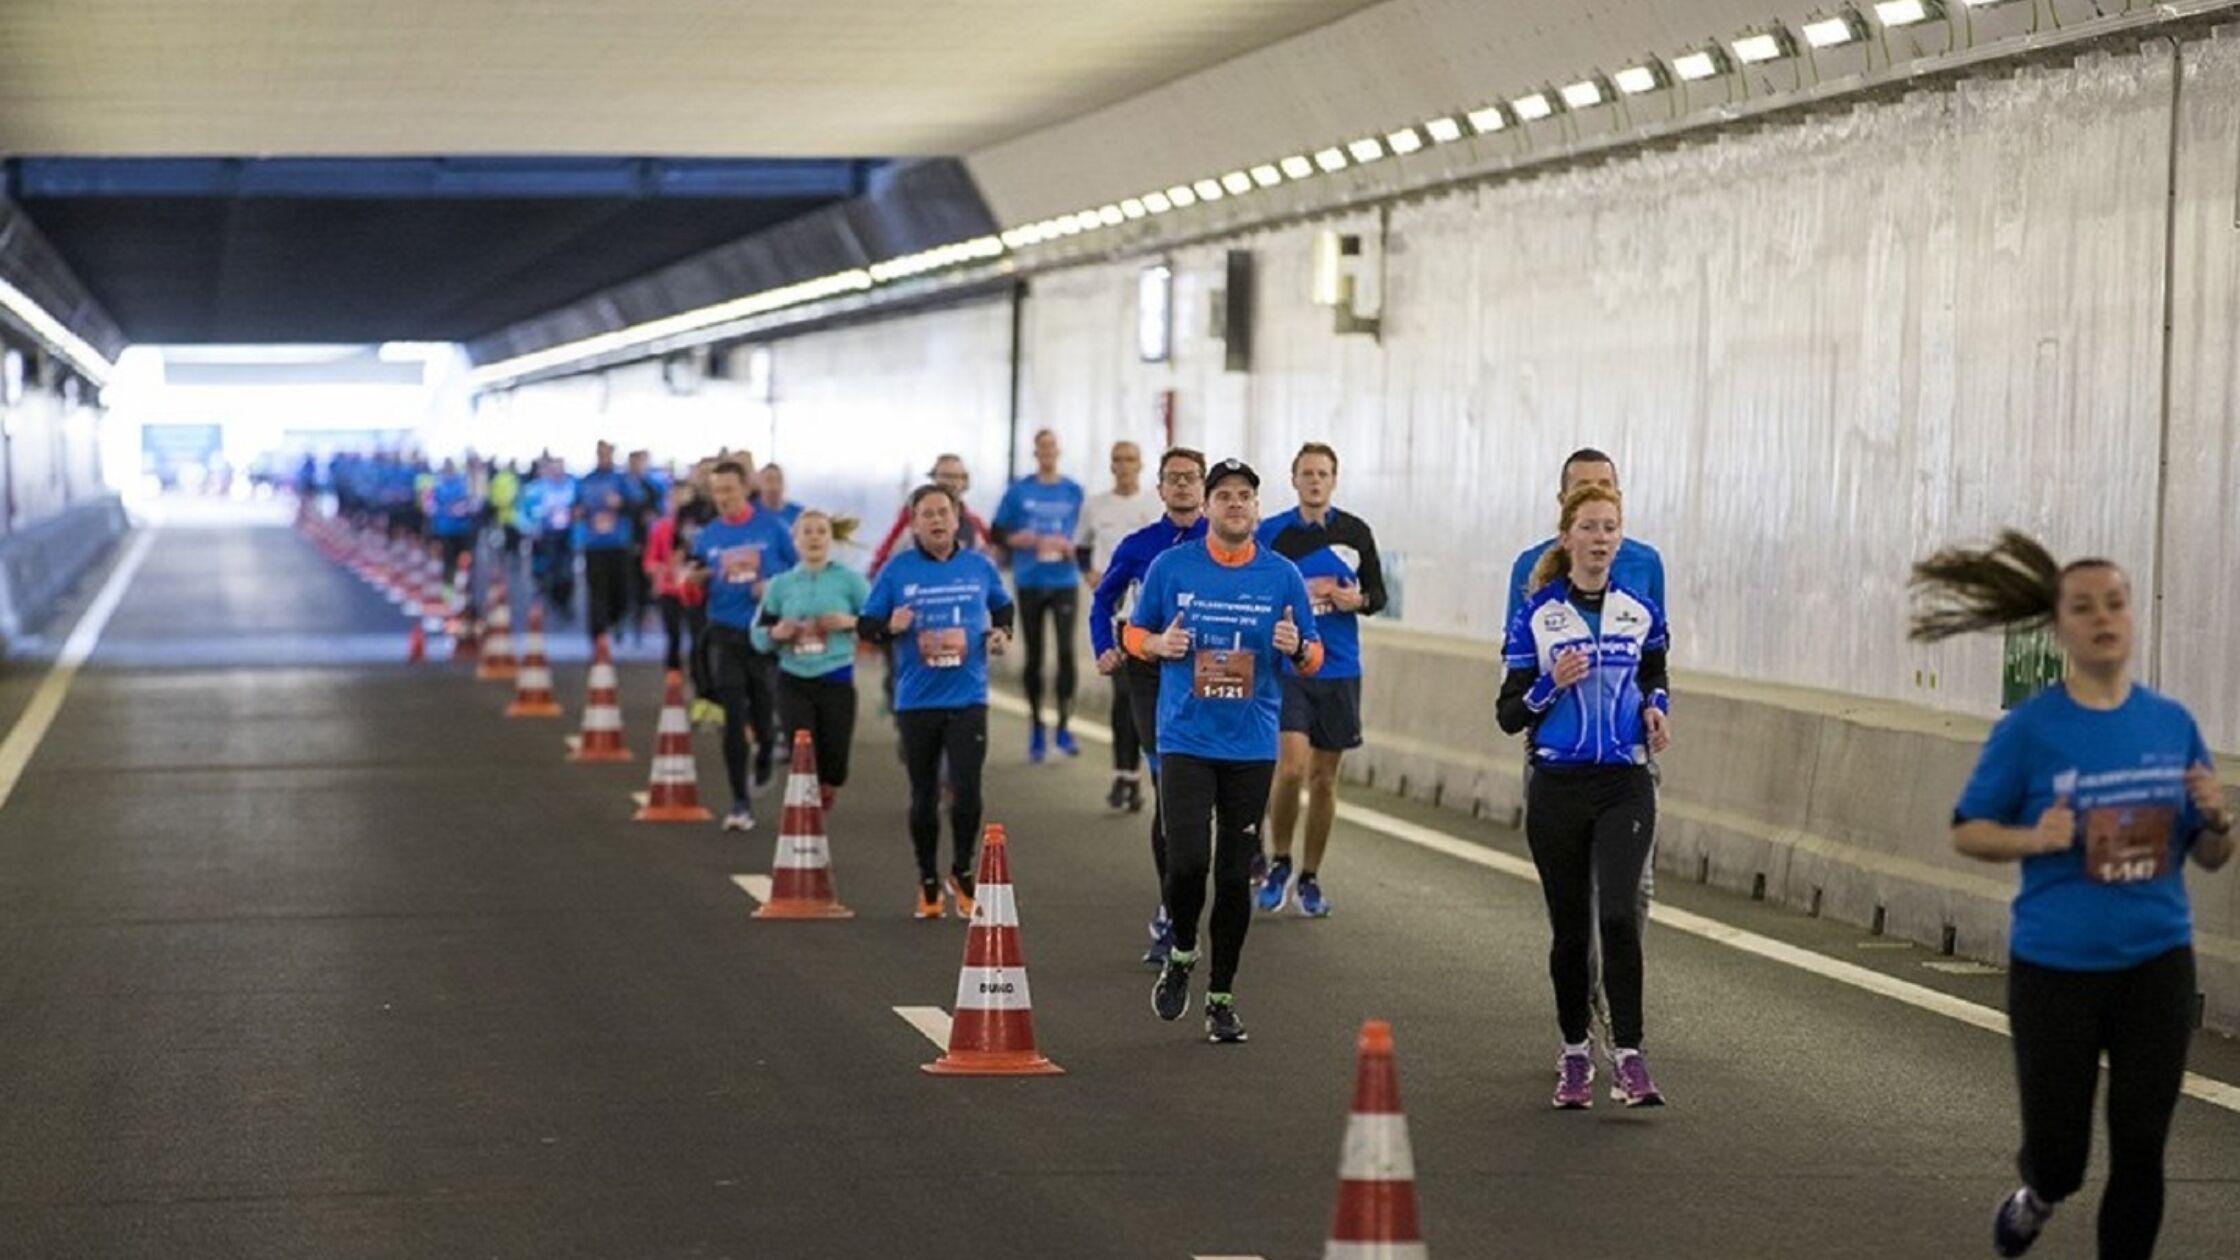 Velsertunnel Run: voor één keer geen auto's, maar hardlopers door Velsertunnel